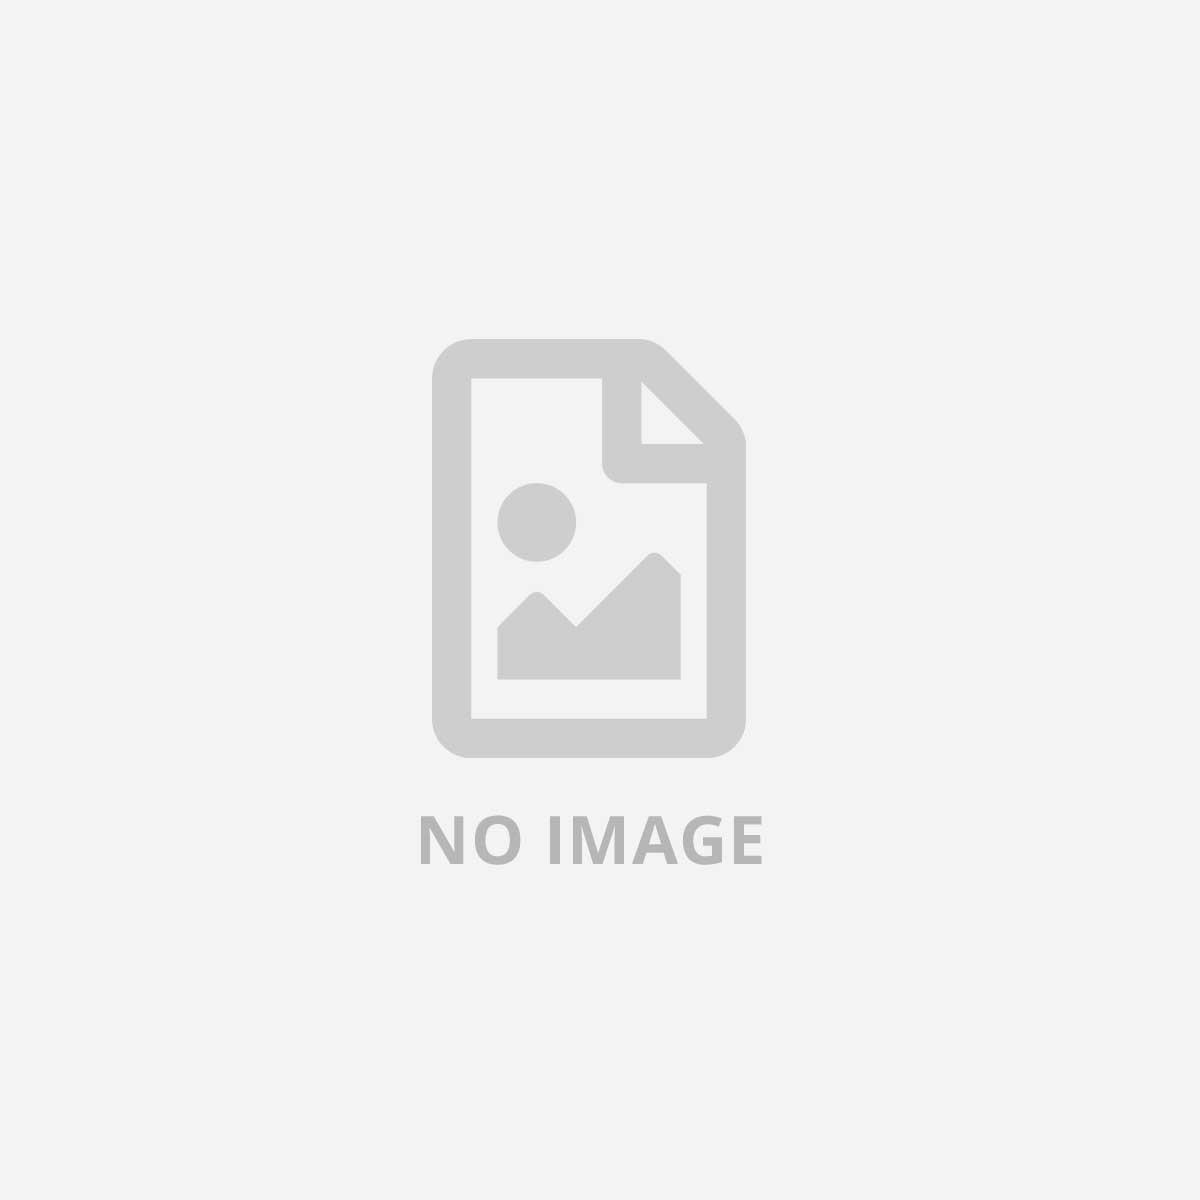 EPSON CARTA ACQUERELLO RADIANT WHITE A3+